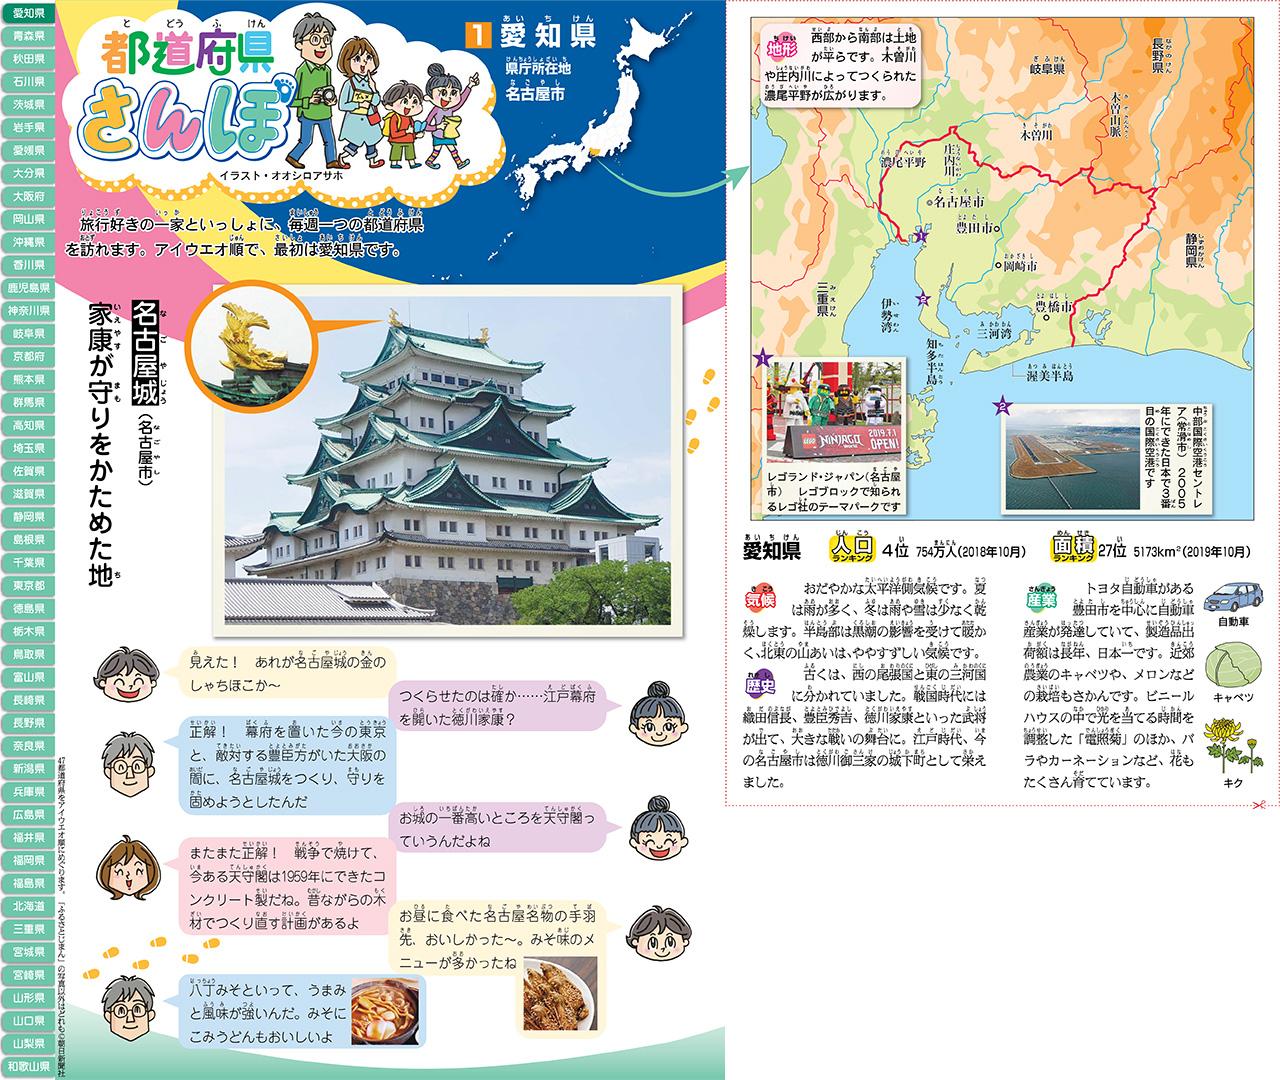 人口 愛知 県